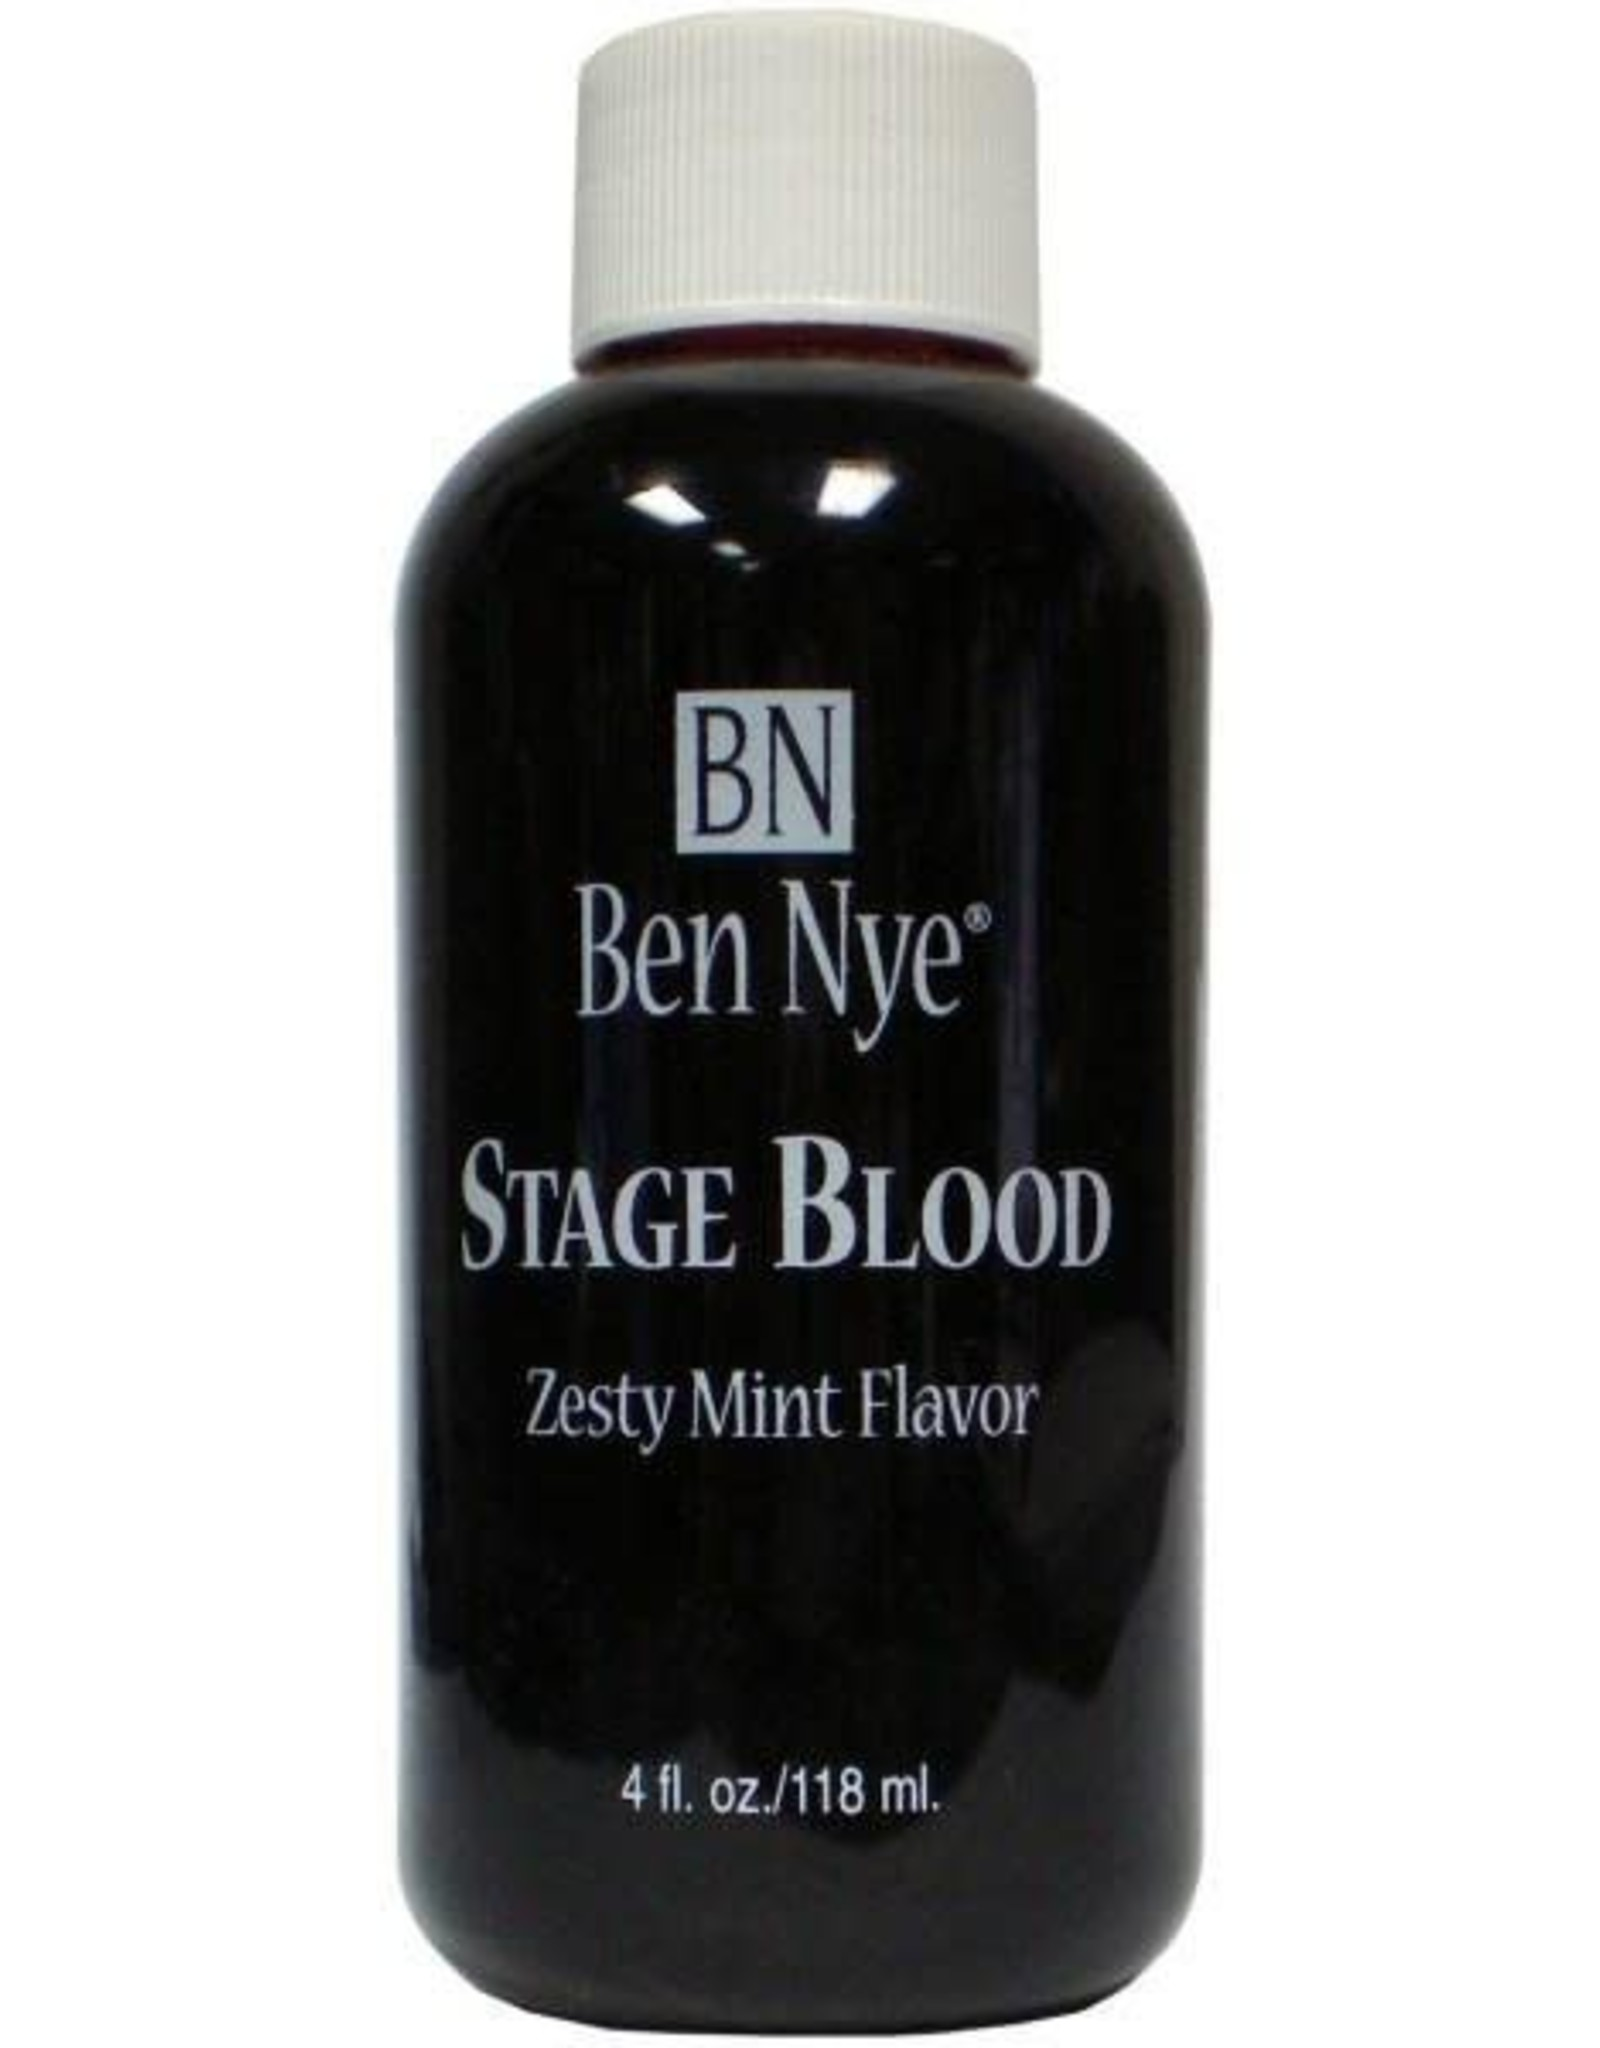 Ben Nye FX STAGE BLOOD, 4 FL OZ